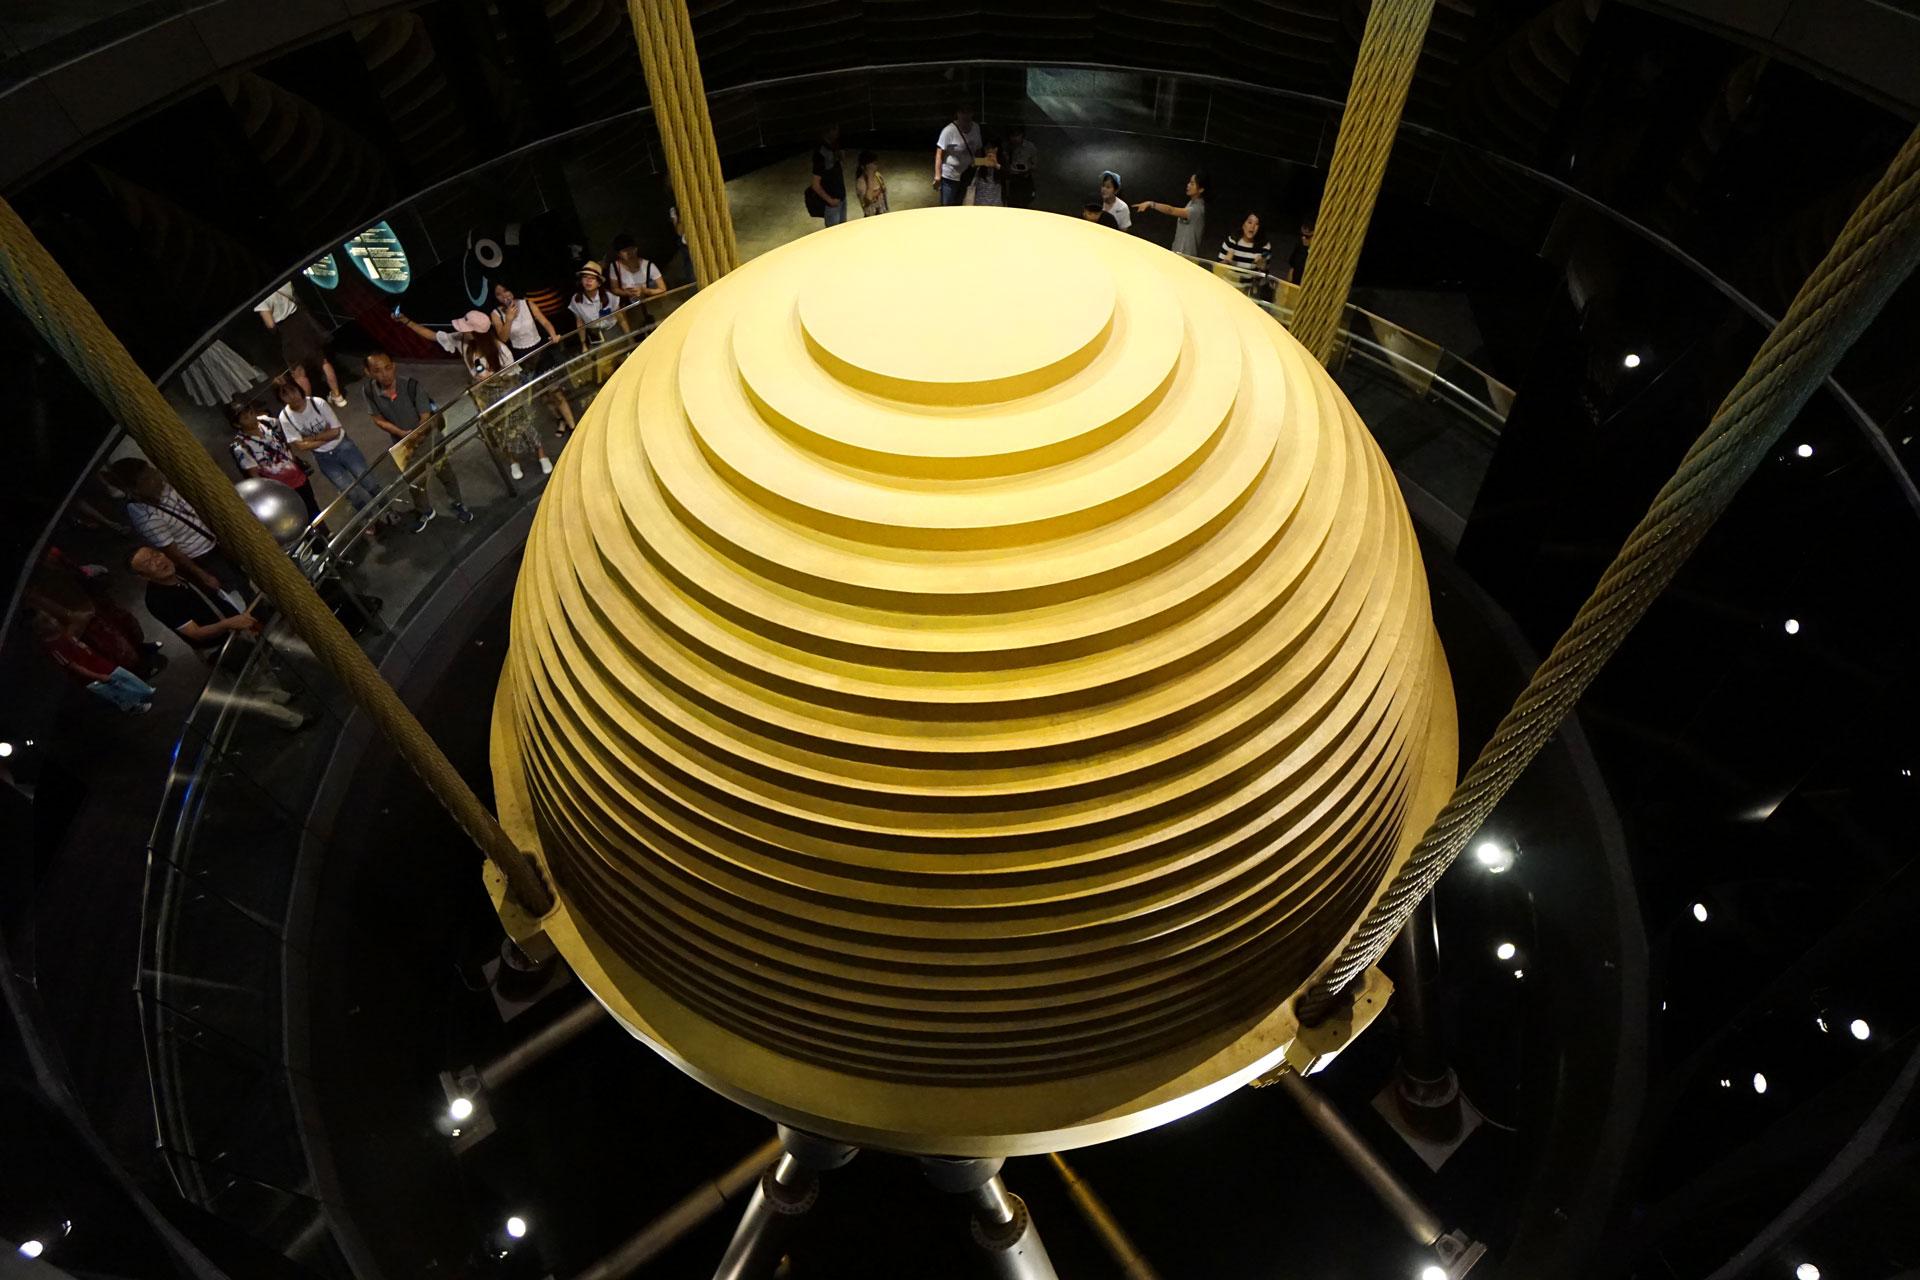 660 t Gewicht im Taipei 101, der größte und schwerste Schwingungstilger der Welt.